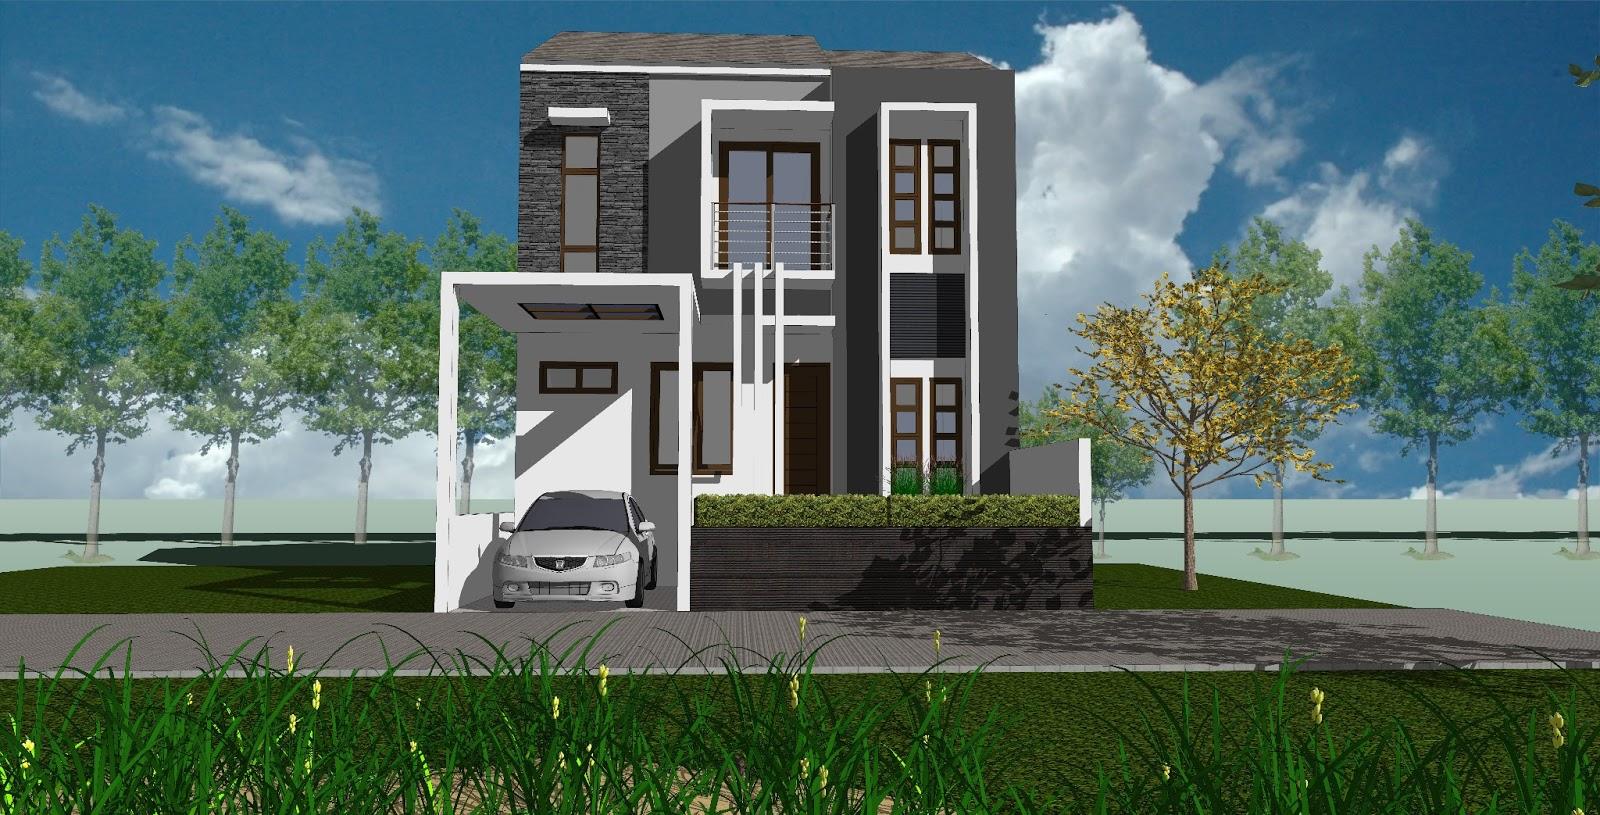 Gambar Design Rumah Minimalis 2 lantai